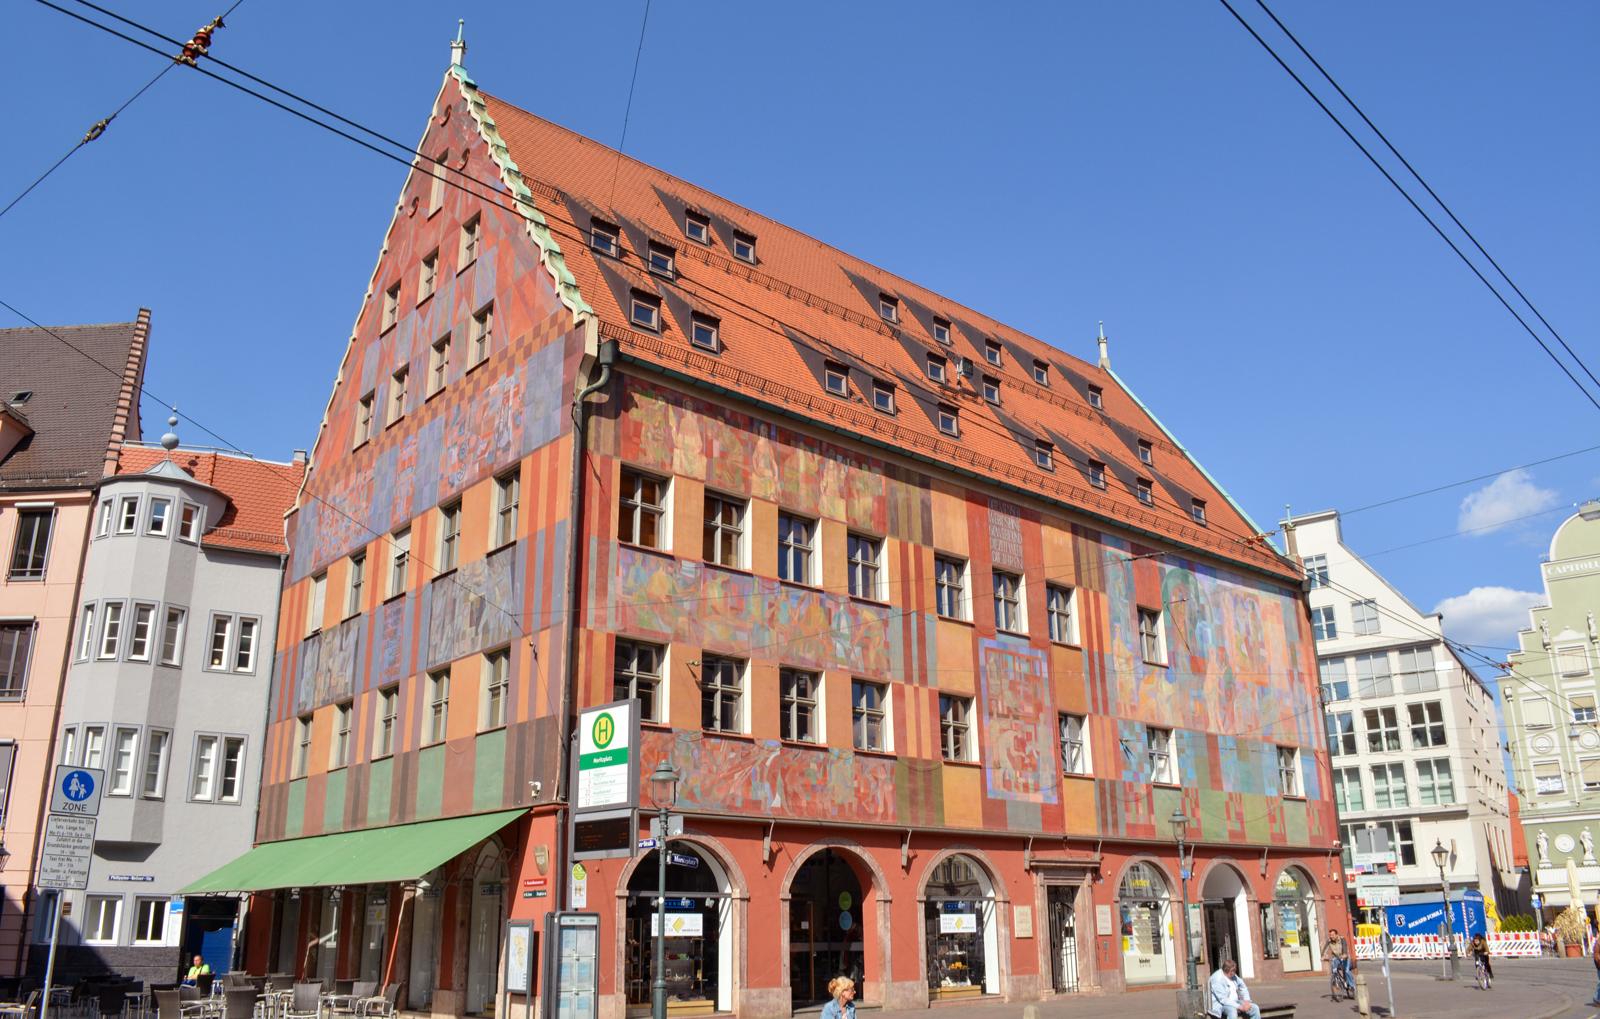 digitale-stadtfuehrungen-augsburg-bg4